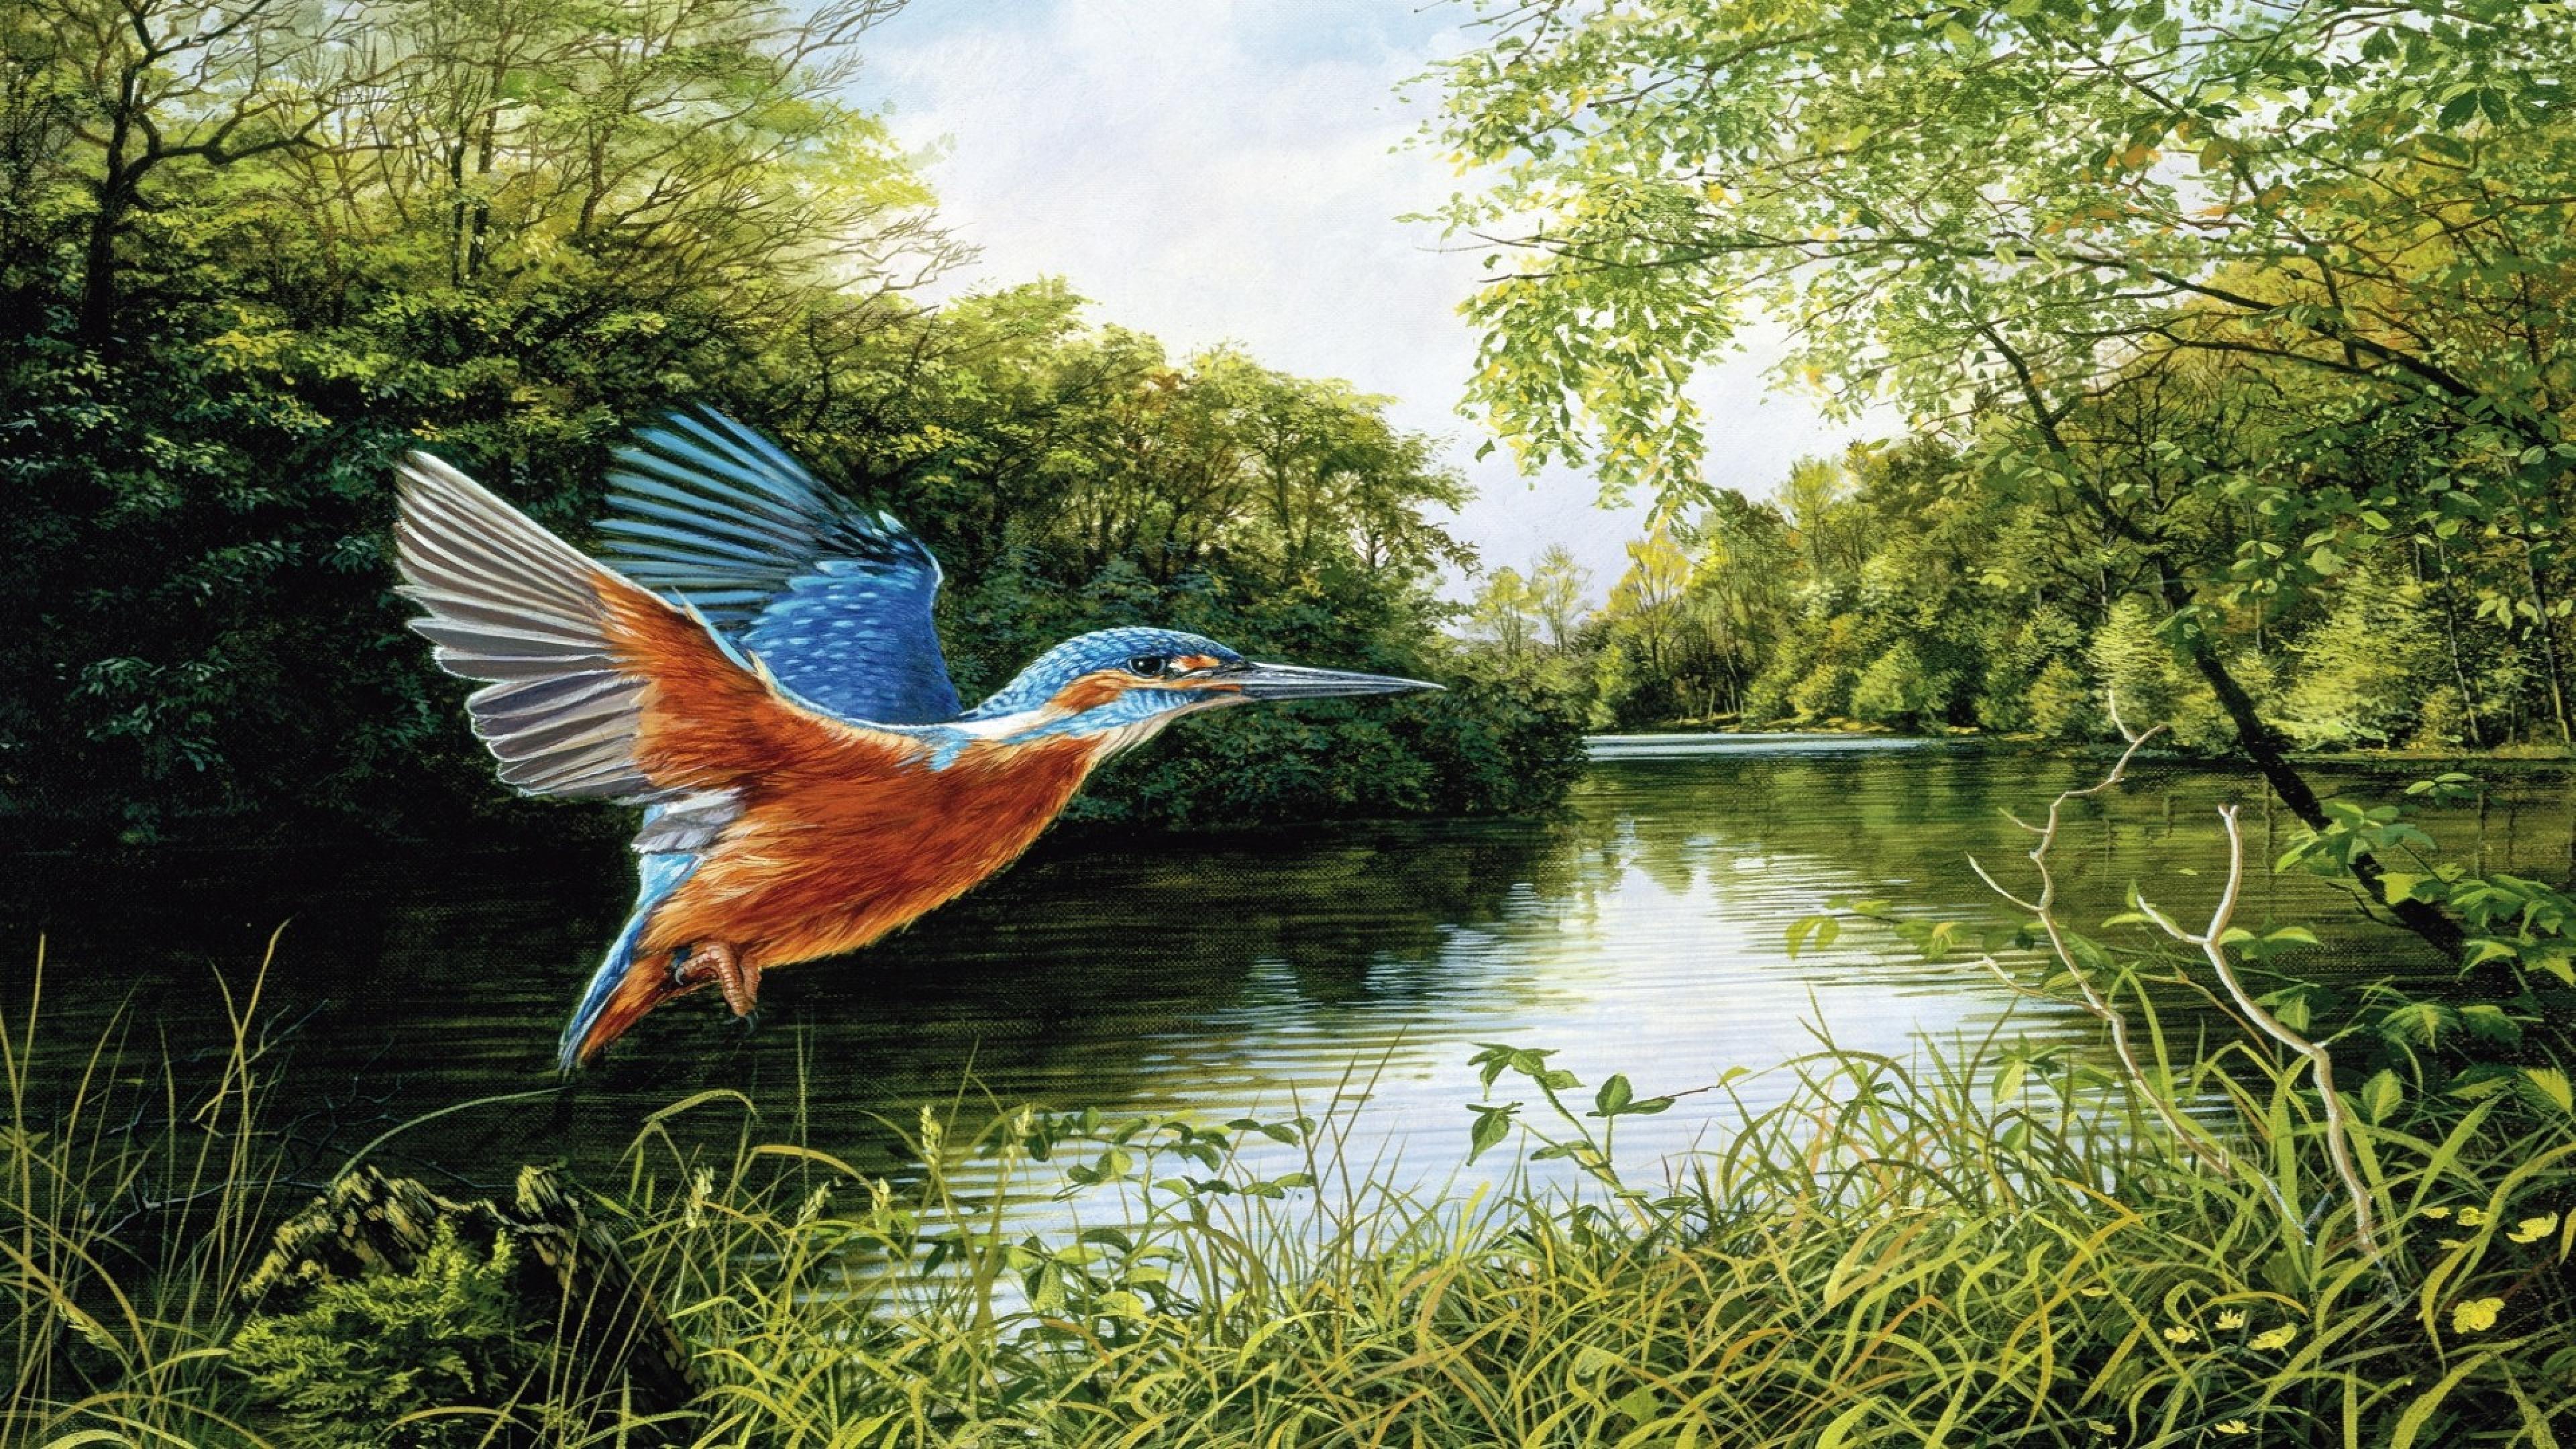 Desktop Wallpaper Hd 3d Full Screen 1080p Kingfisher Flight Green Trees Grass River Art On Canvas